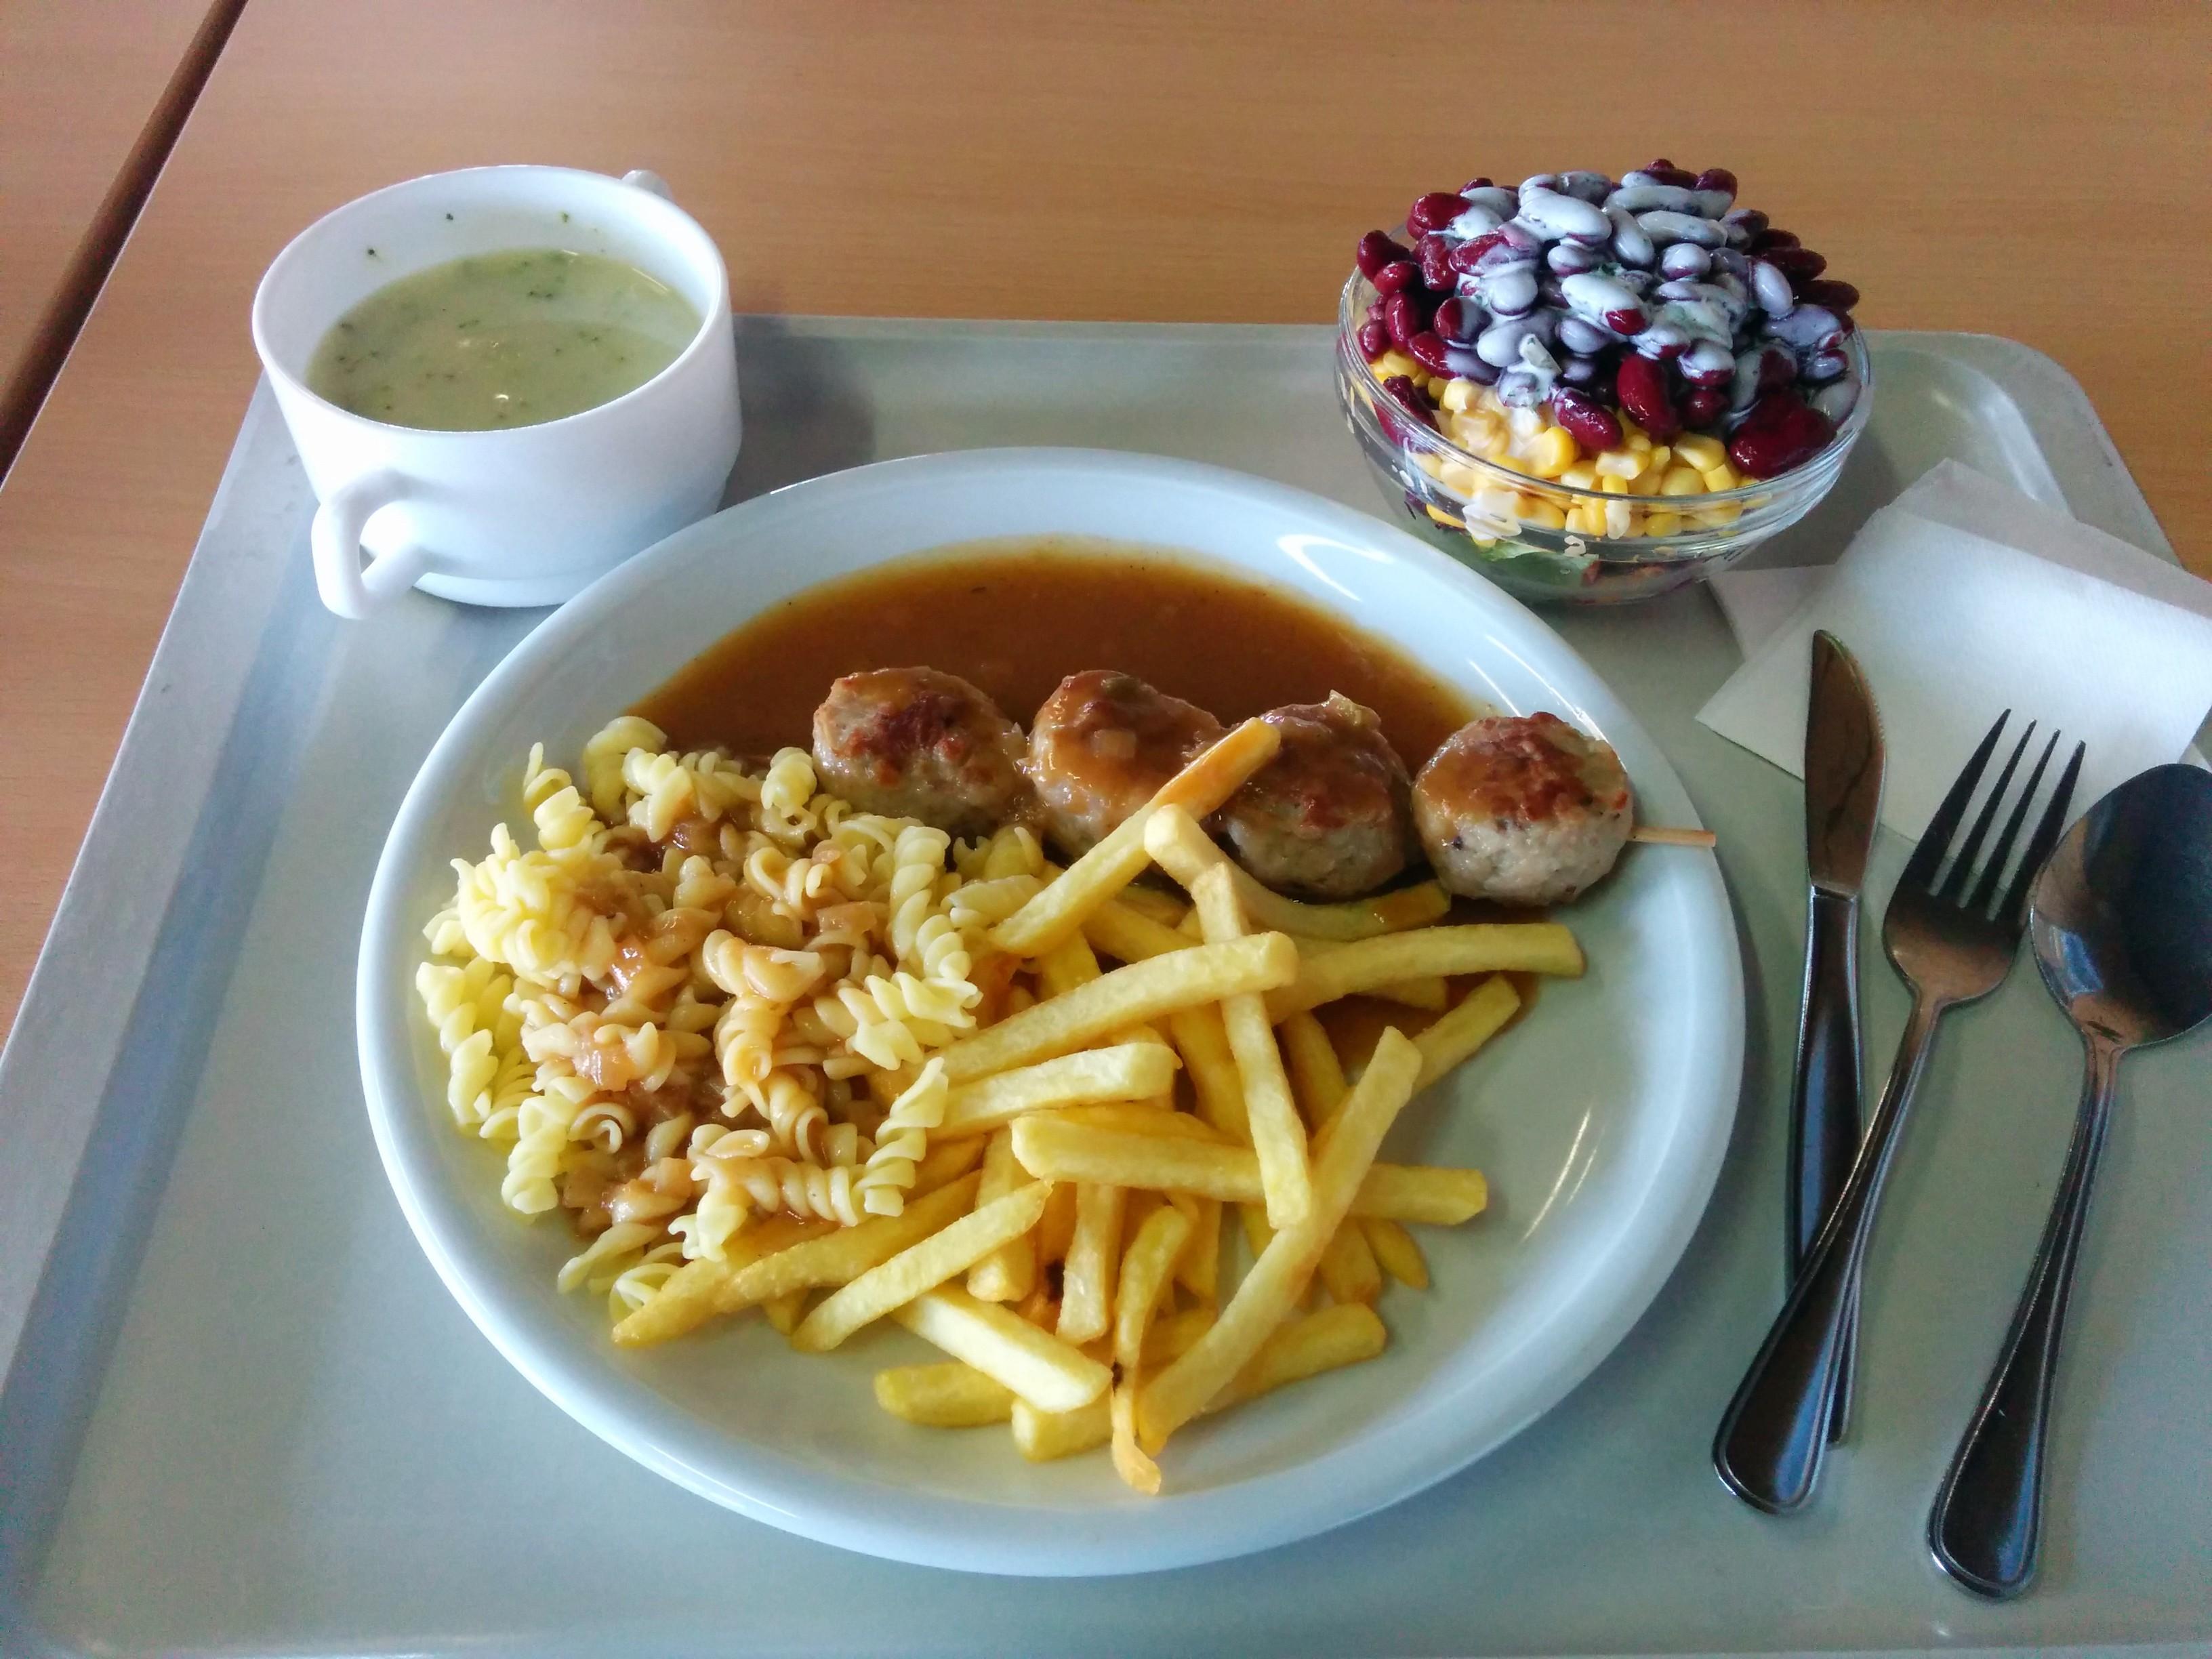 https://foodloader.net/nico_2014-04-22_frikadellenspiess-mit-pommes-nudeln-suppe-und-salat.jpg